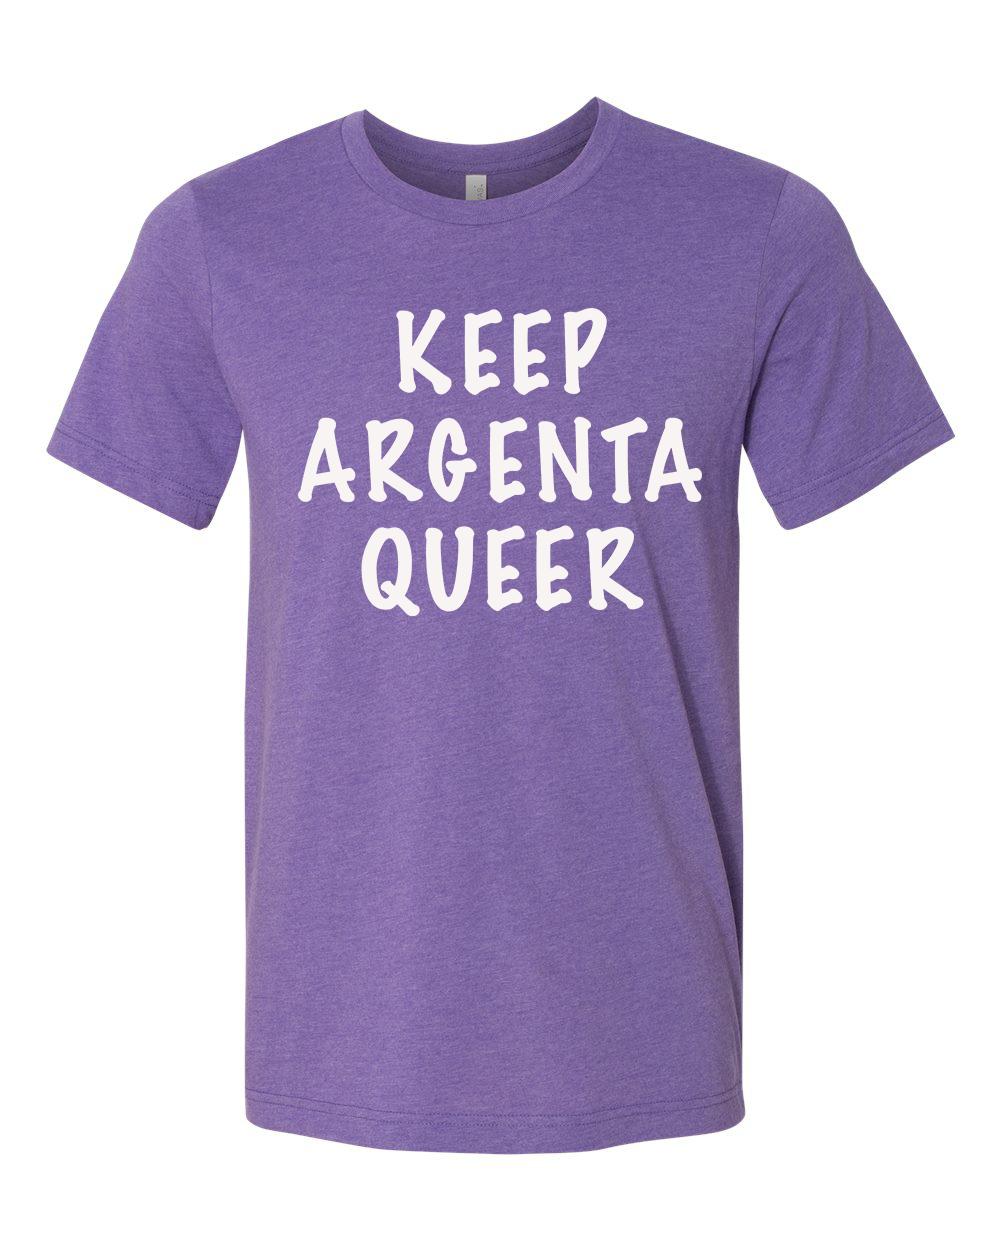 Keep Argenta Queer (Team Purple Heather)